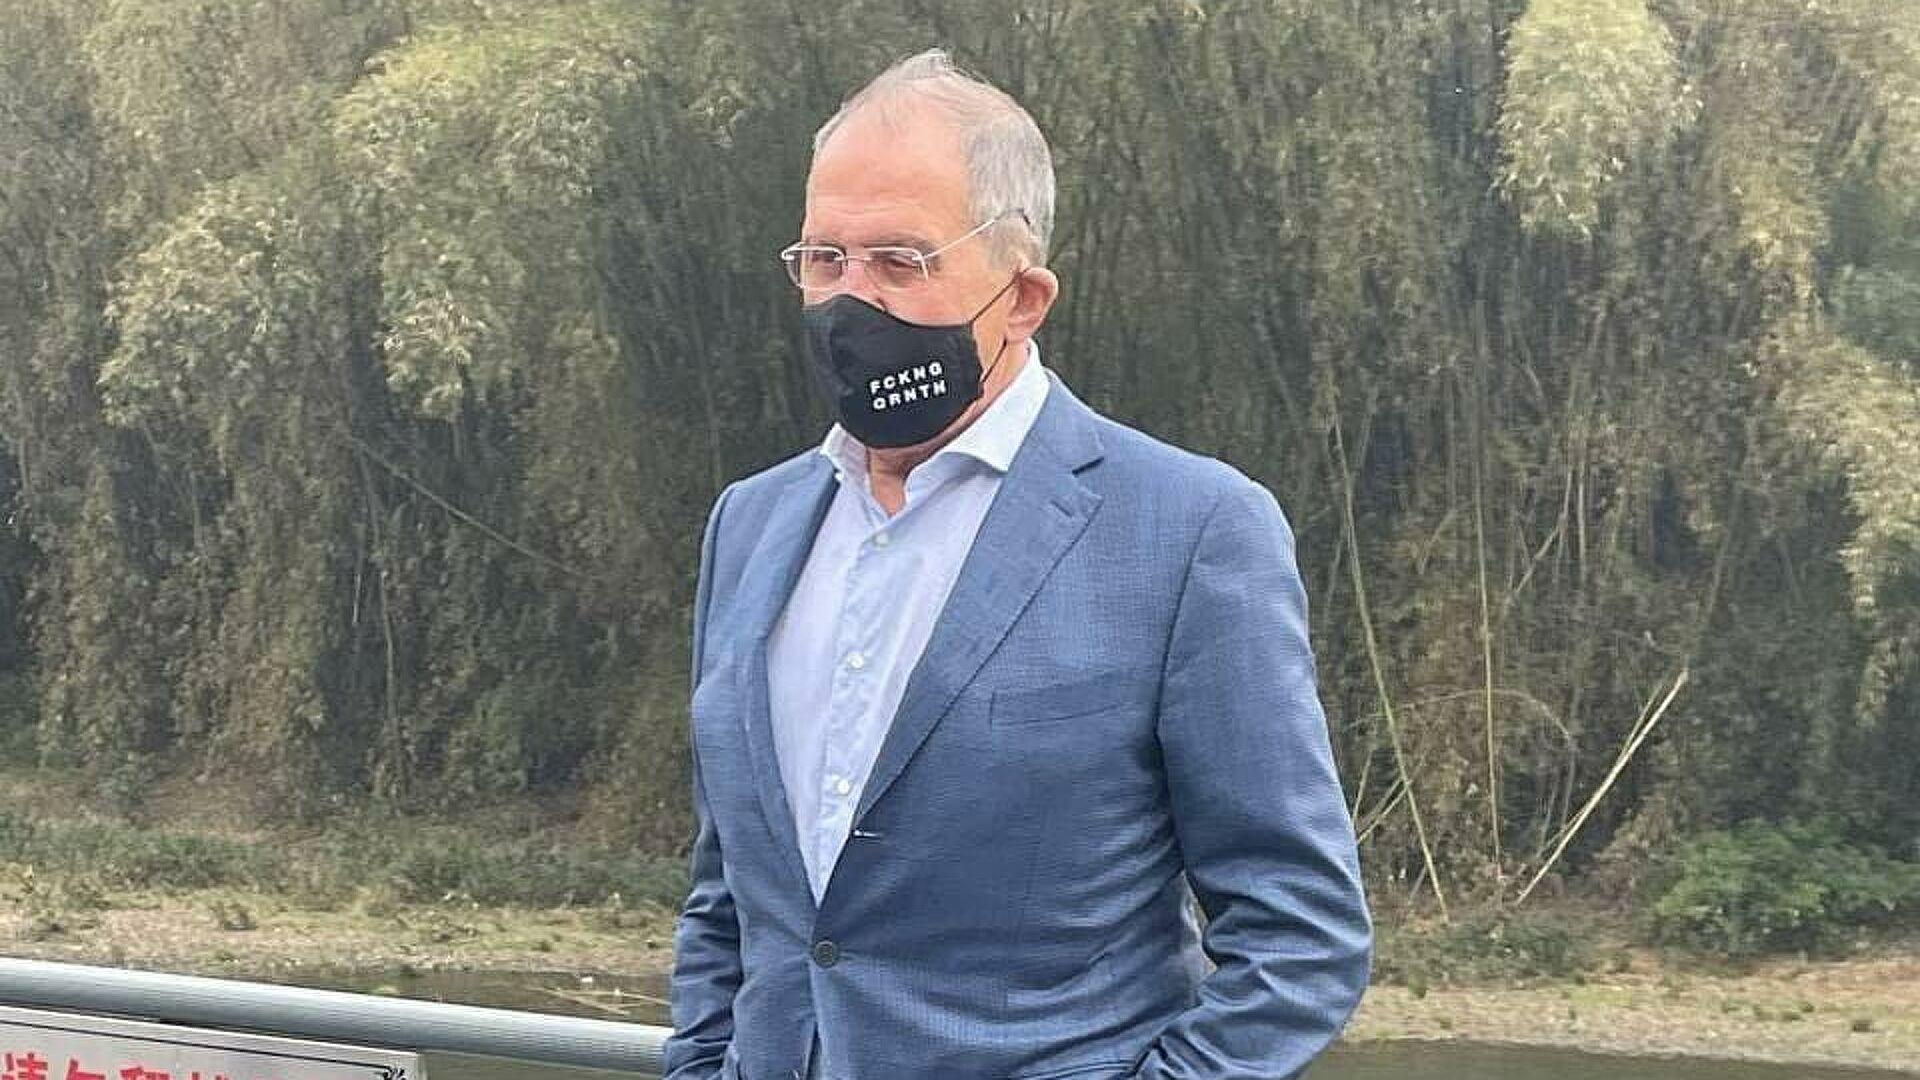 Министр иностранных дел России сфотографировался в маске с надписью FCKNG QRNTN